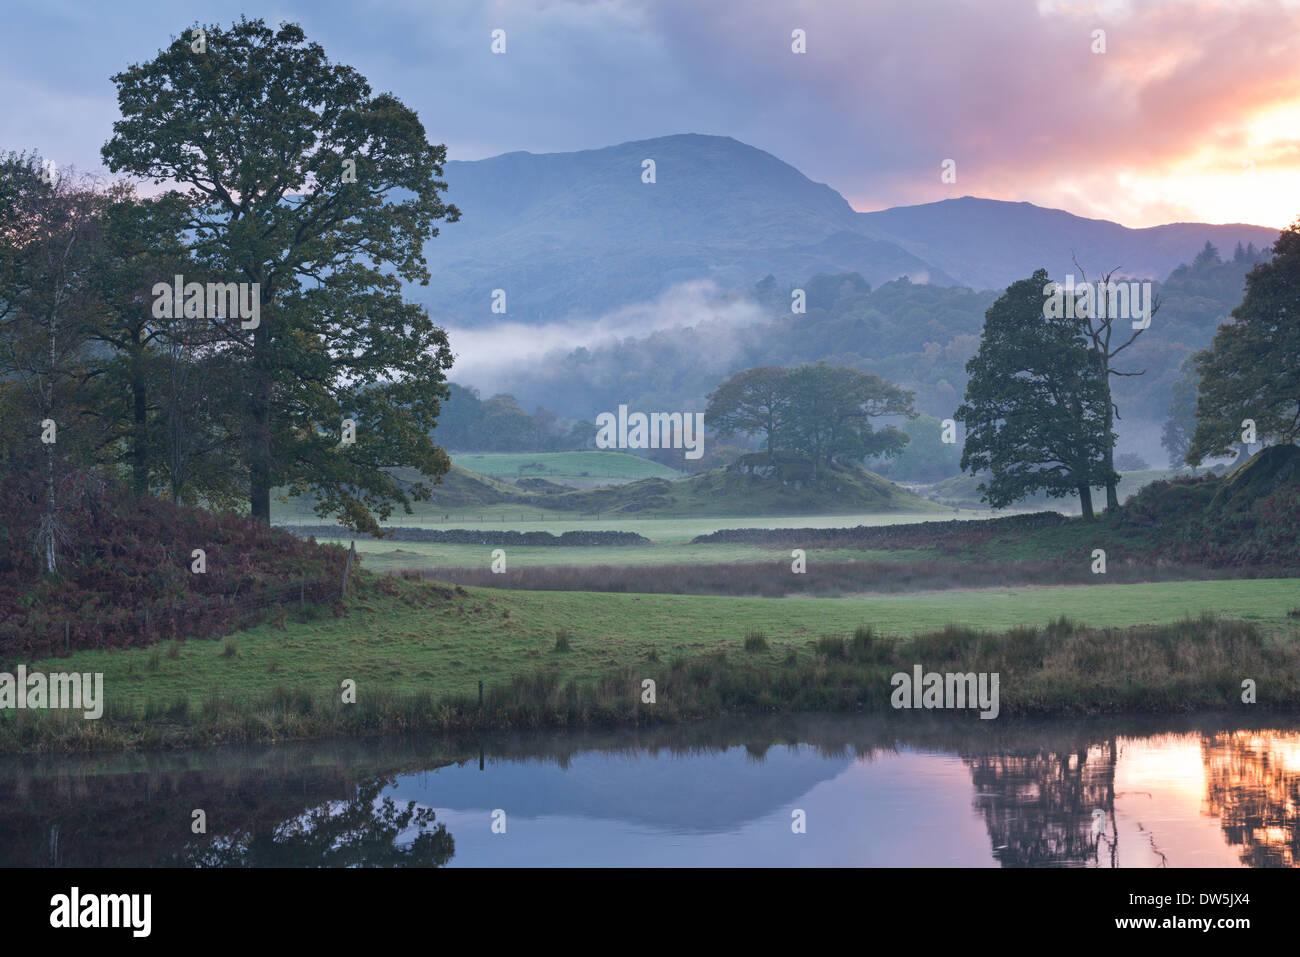 Atmosphärischen Sonnenuntergang aus dem Fluß Brathay in der Nähe von Elterwater, Lake District, Cumbria, England. Herbst (Oktober) 2013. Stockbild